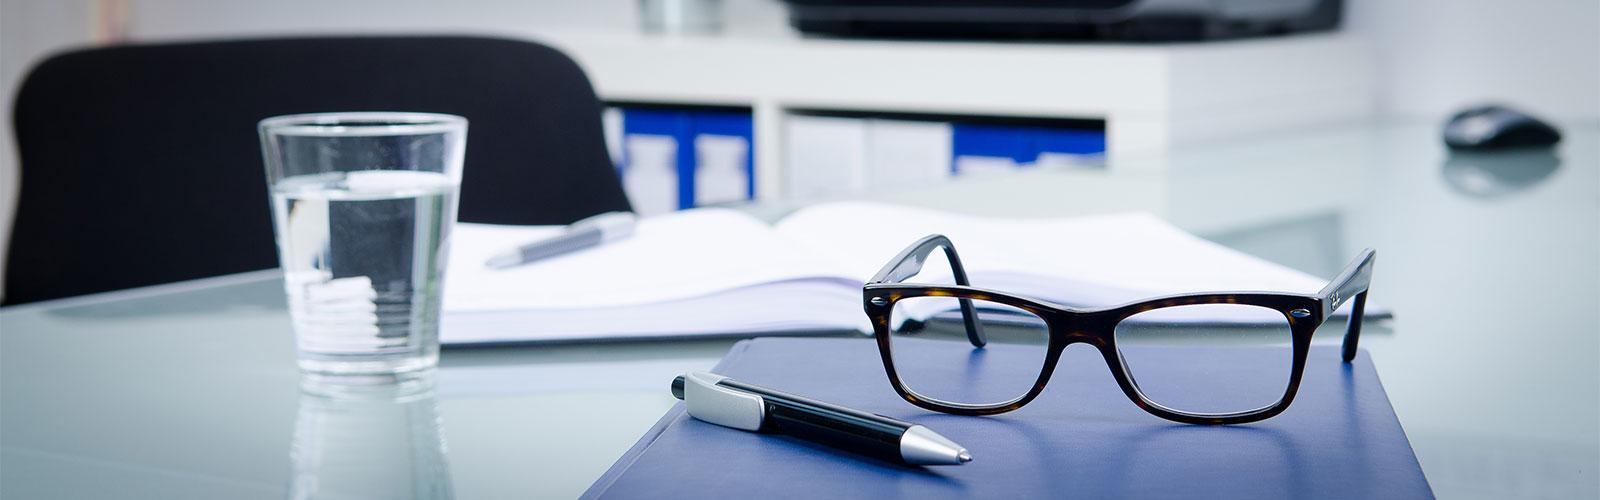 Arbeitsablauforganisation - Unternehmensorganisation mit ZÜHLKE